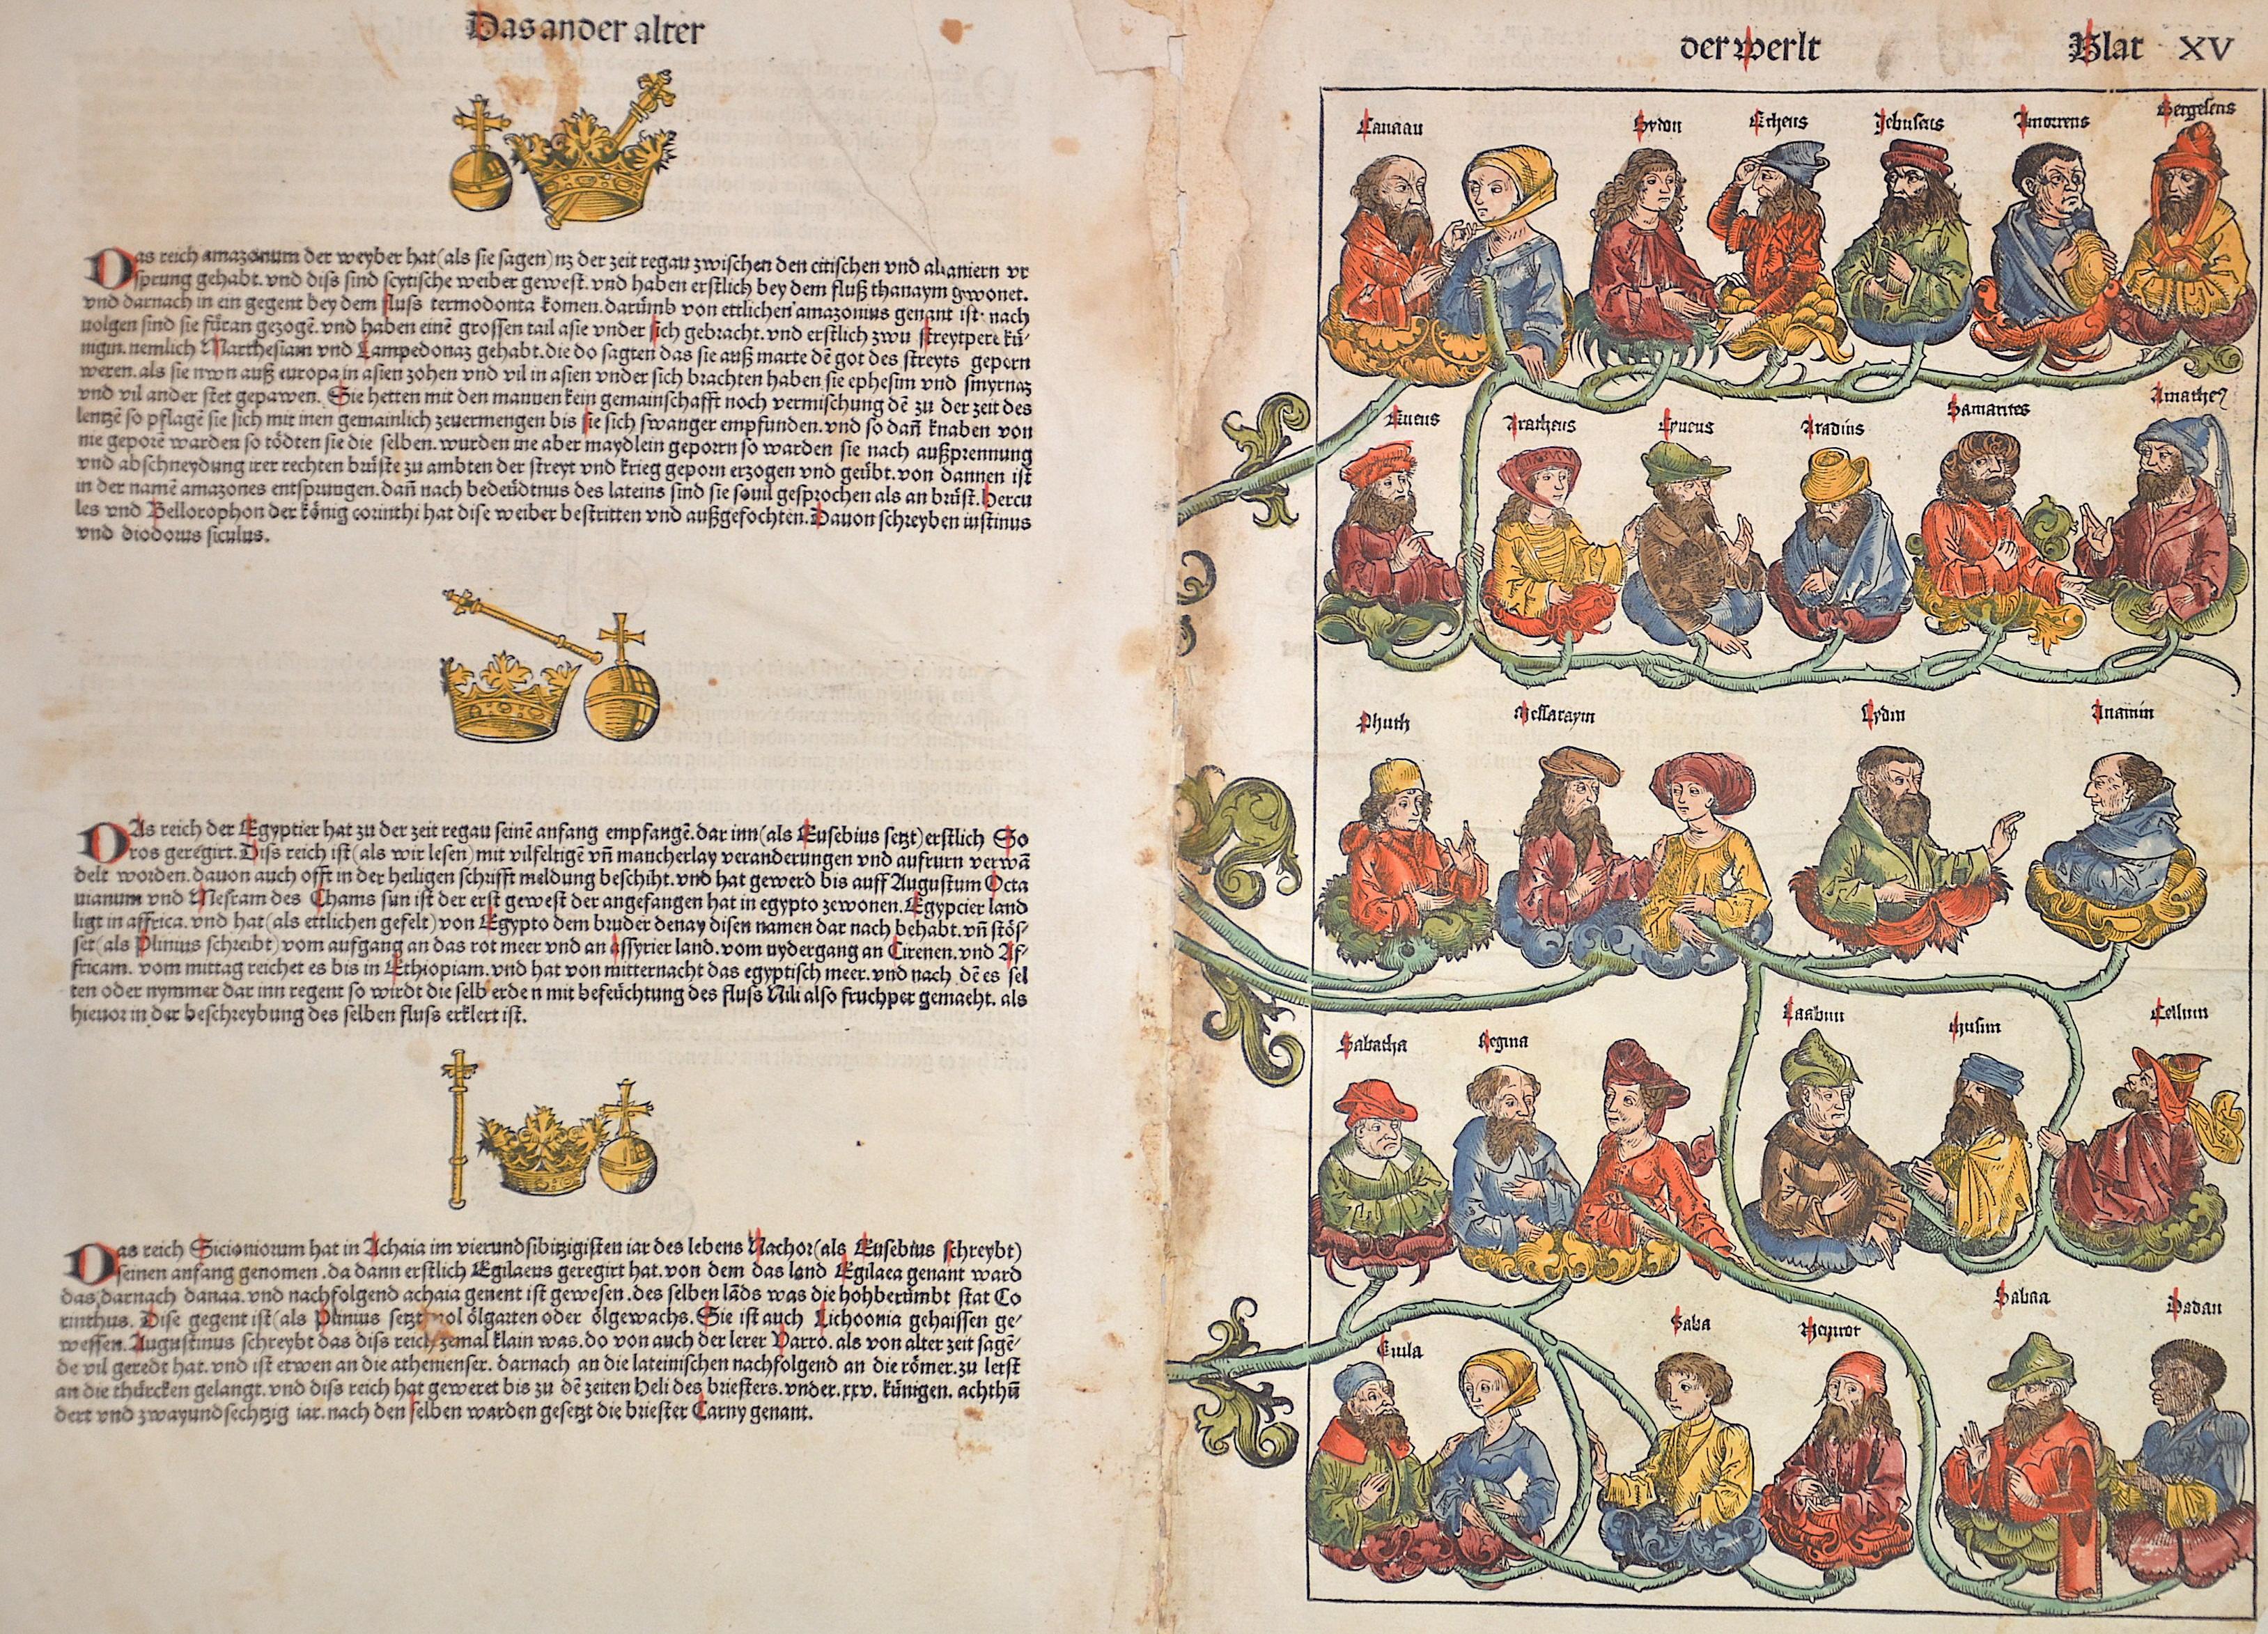 Schedel Hartman Das ander later der werlt Blat XV / Das ander alter der werlt Blat XVIII